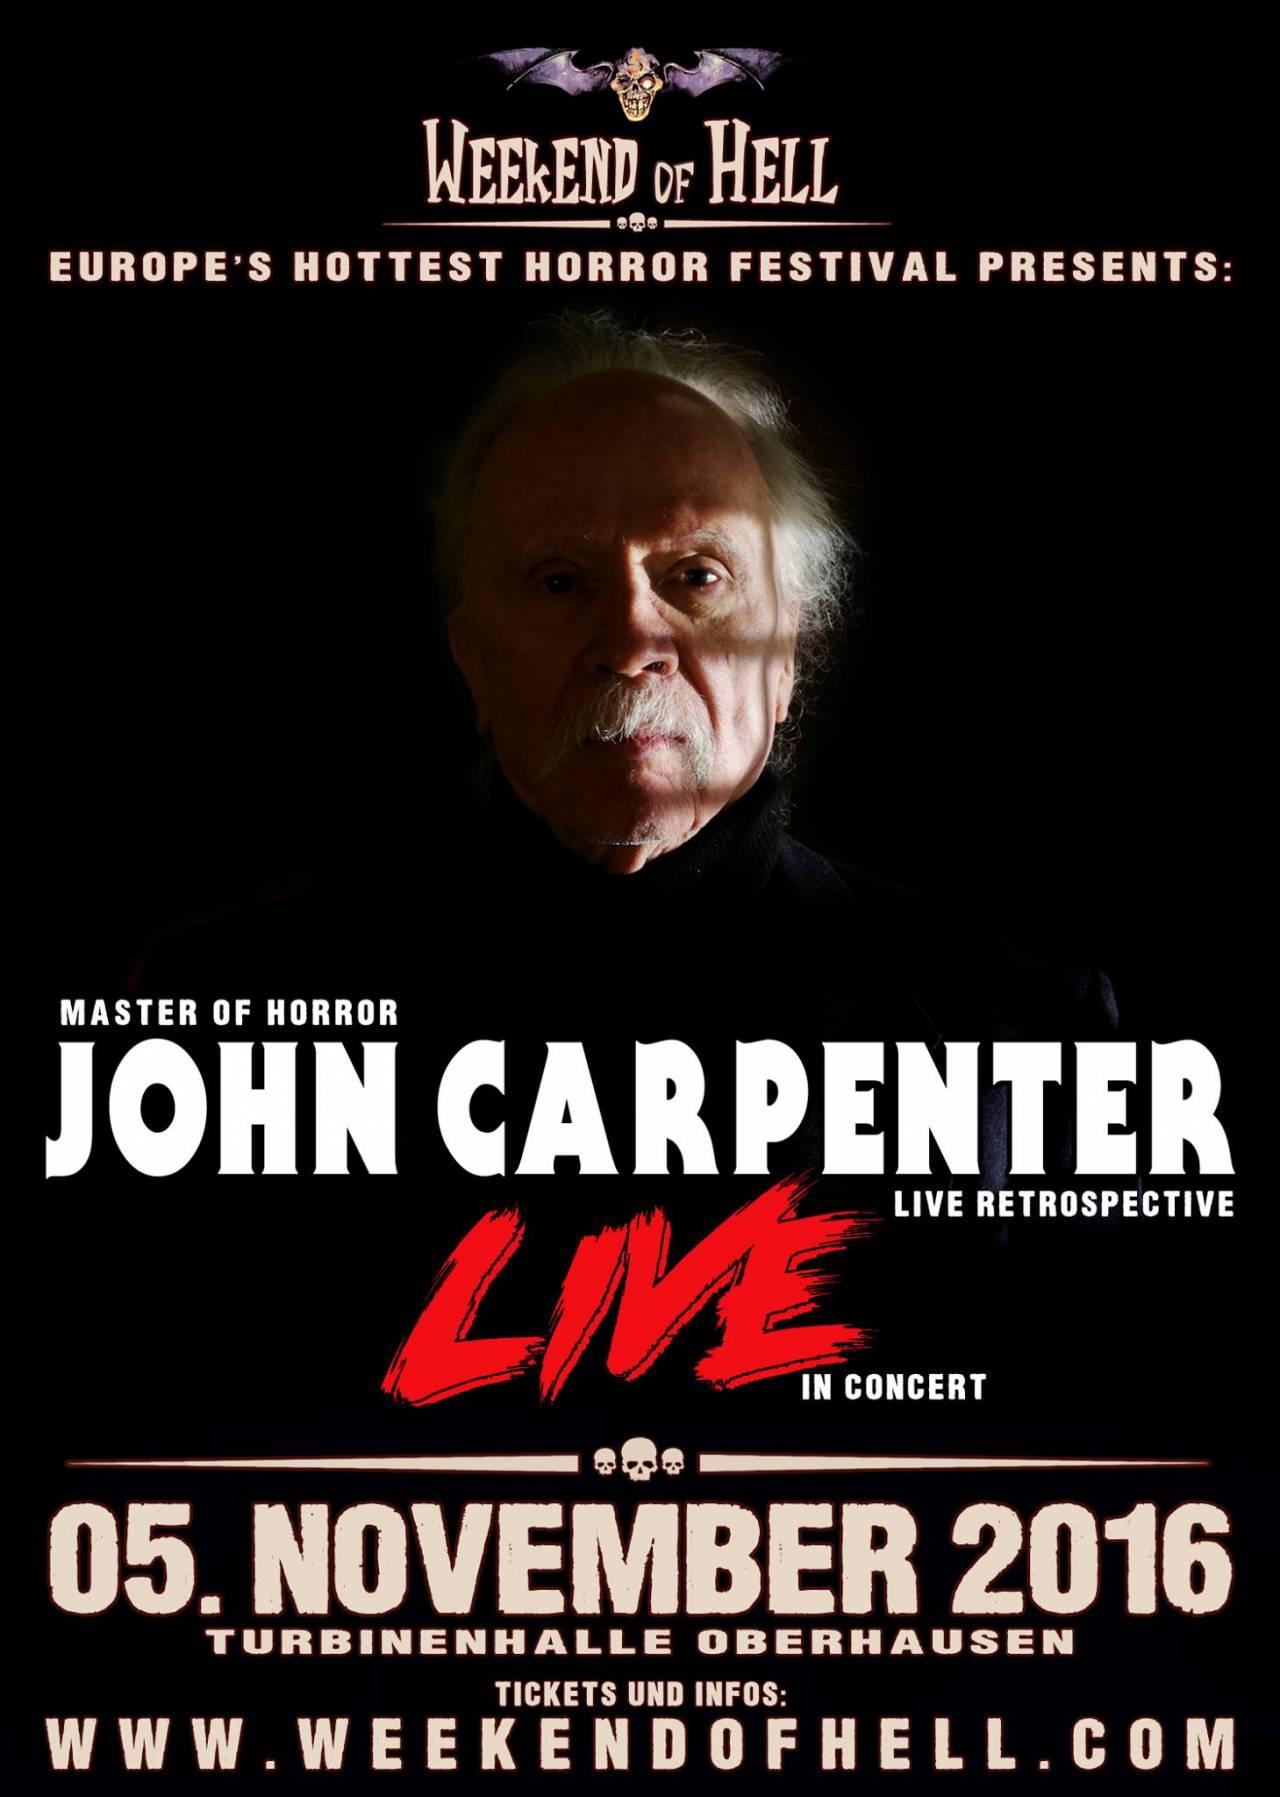 weekend-of-hell-concert-john-carpenter